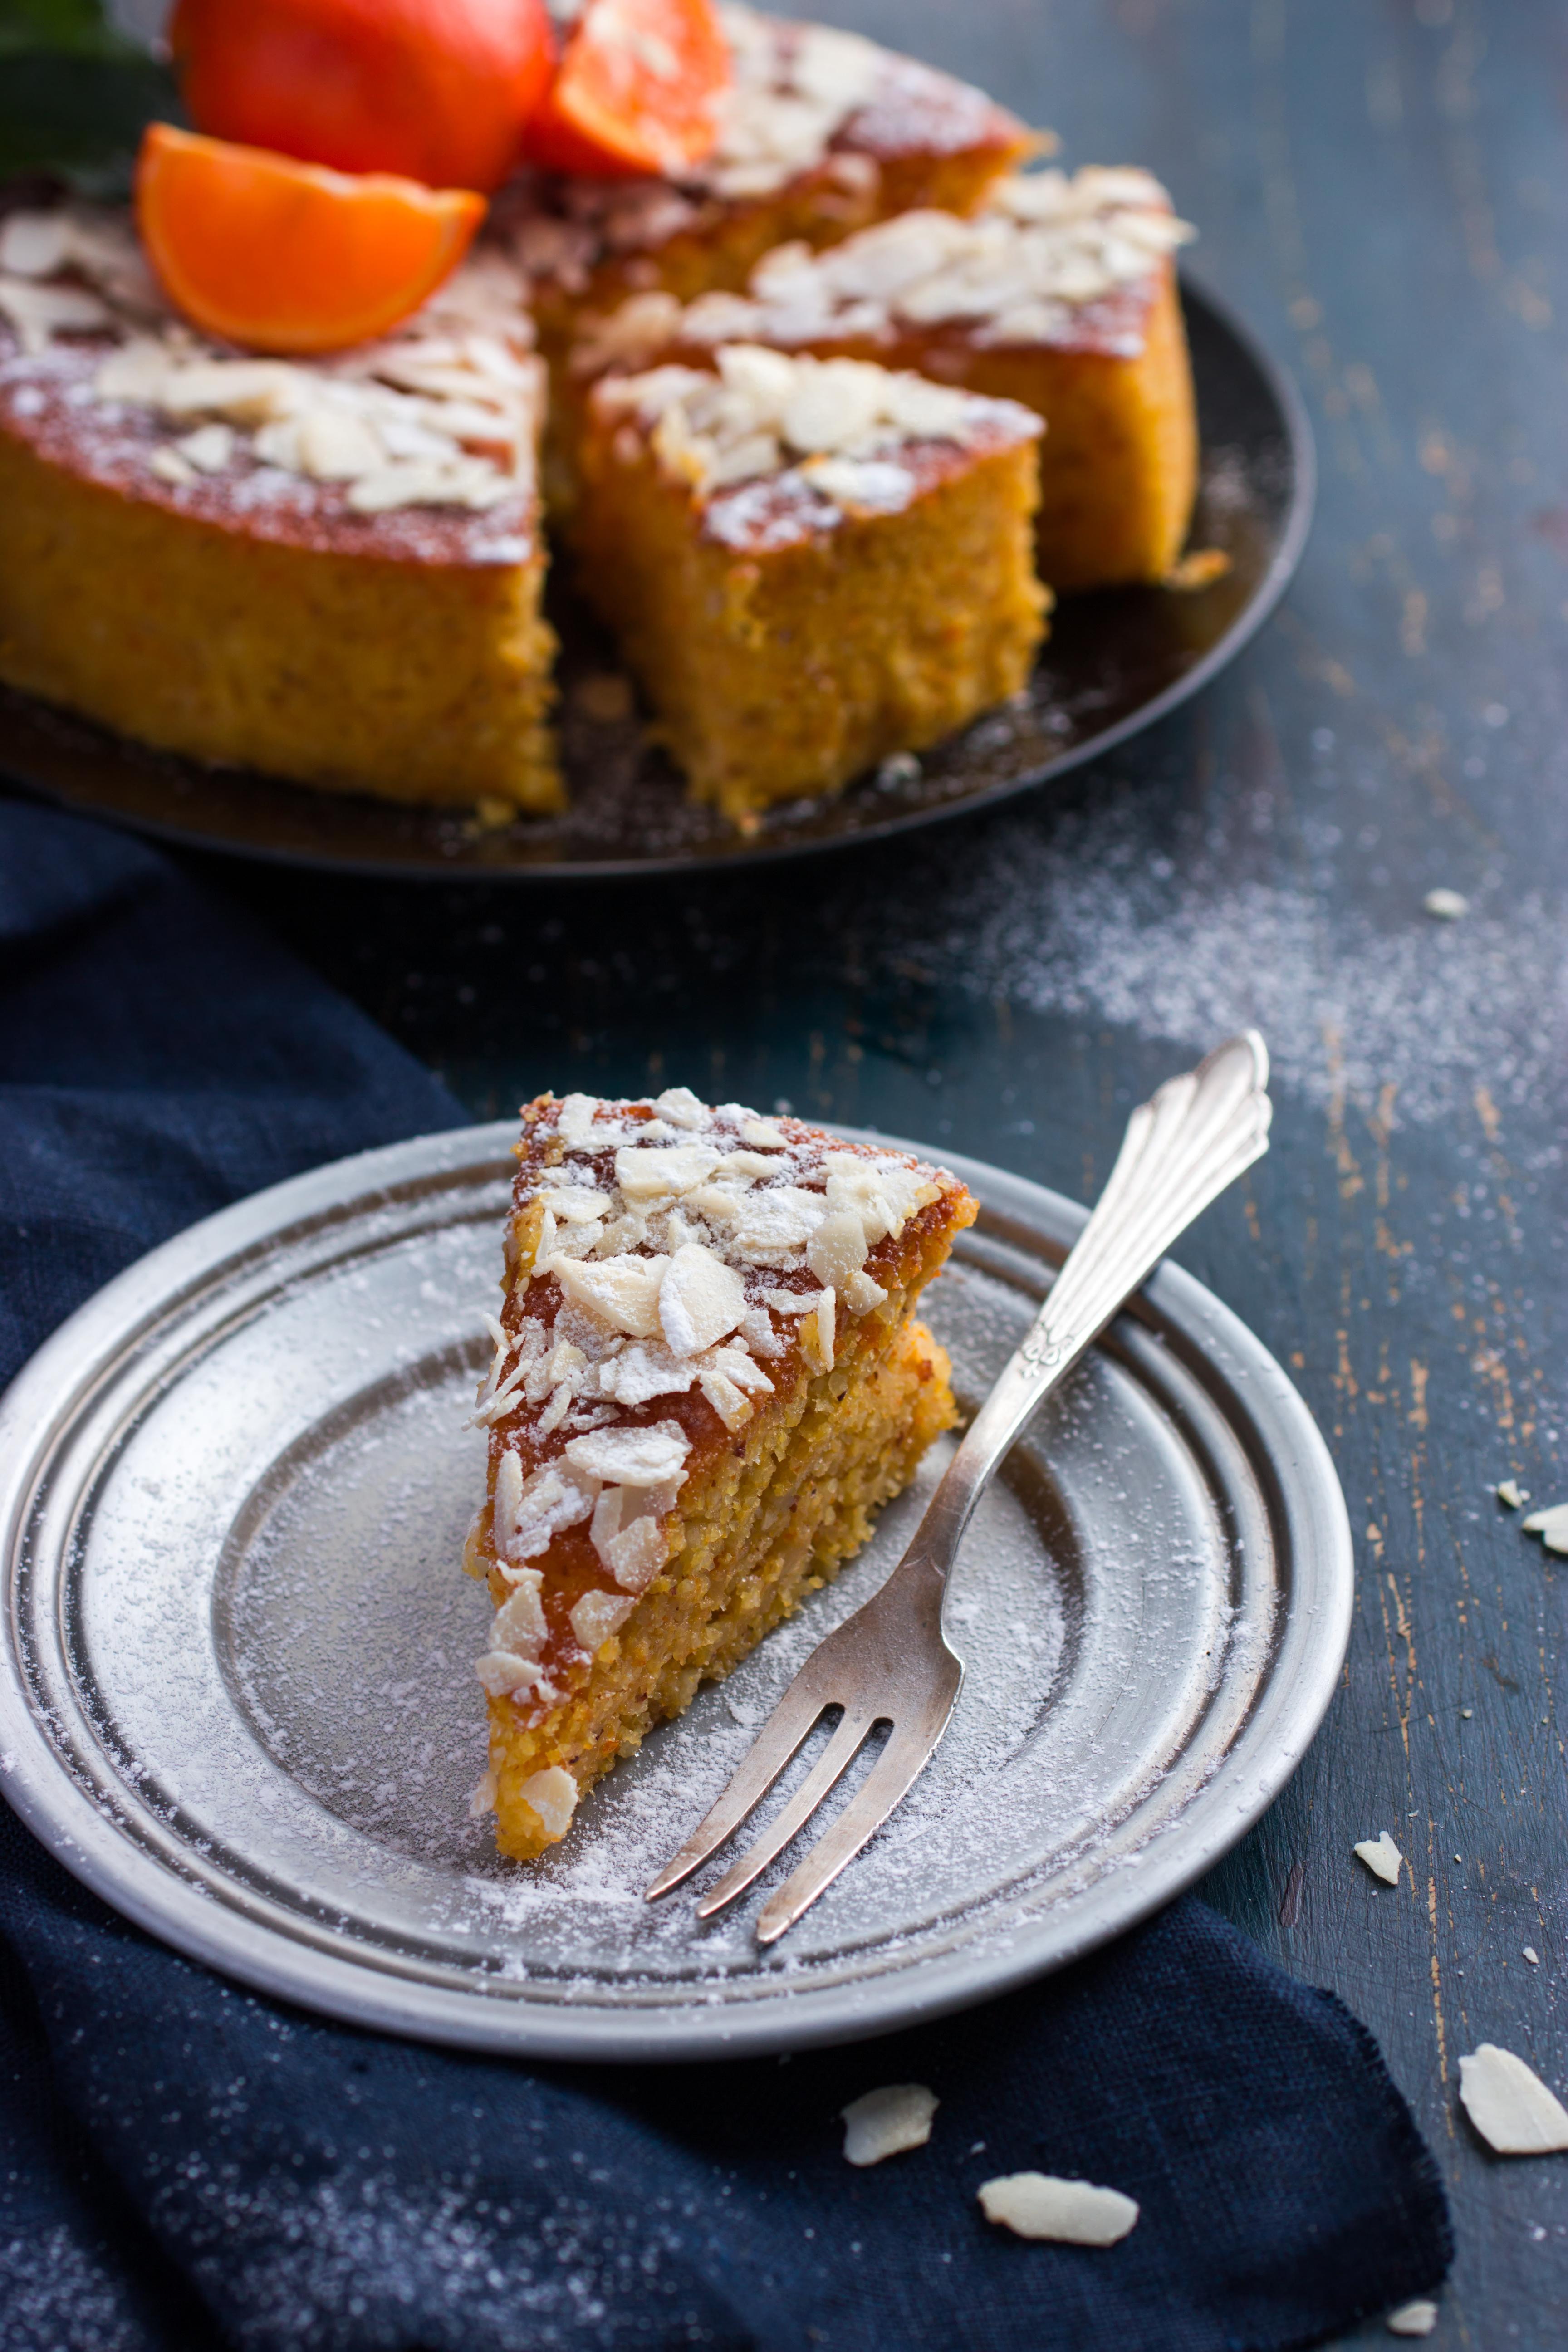 עוגה עם קמח קוקוס